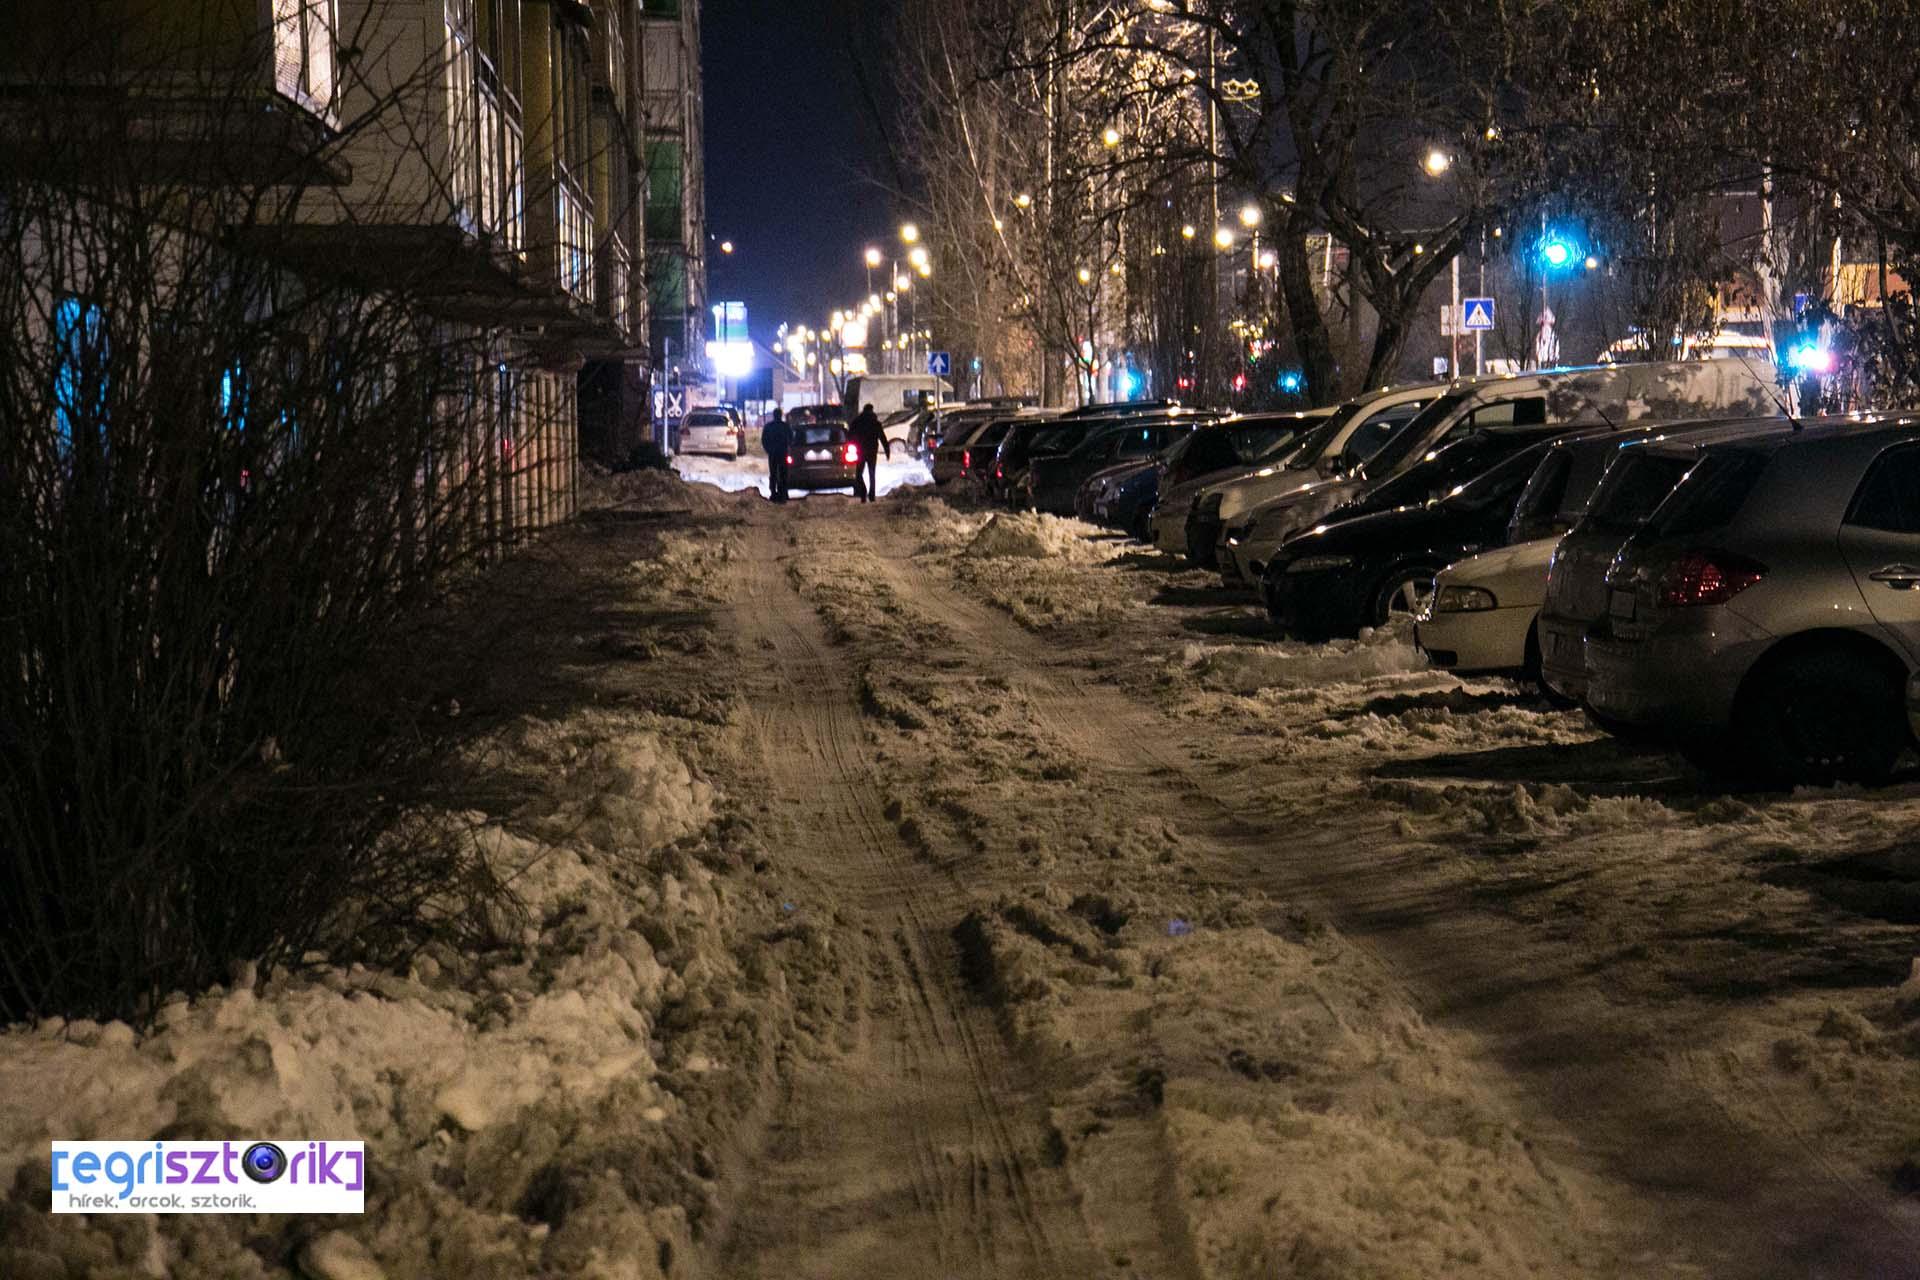 Csúszkálnak és gyakran elakadnak az autók a Felsővárosi lakótelepen, mert egyáltalán nincs sózva, takarítva az út